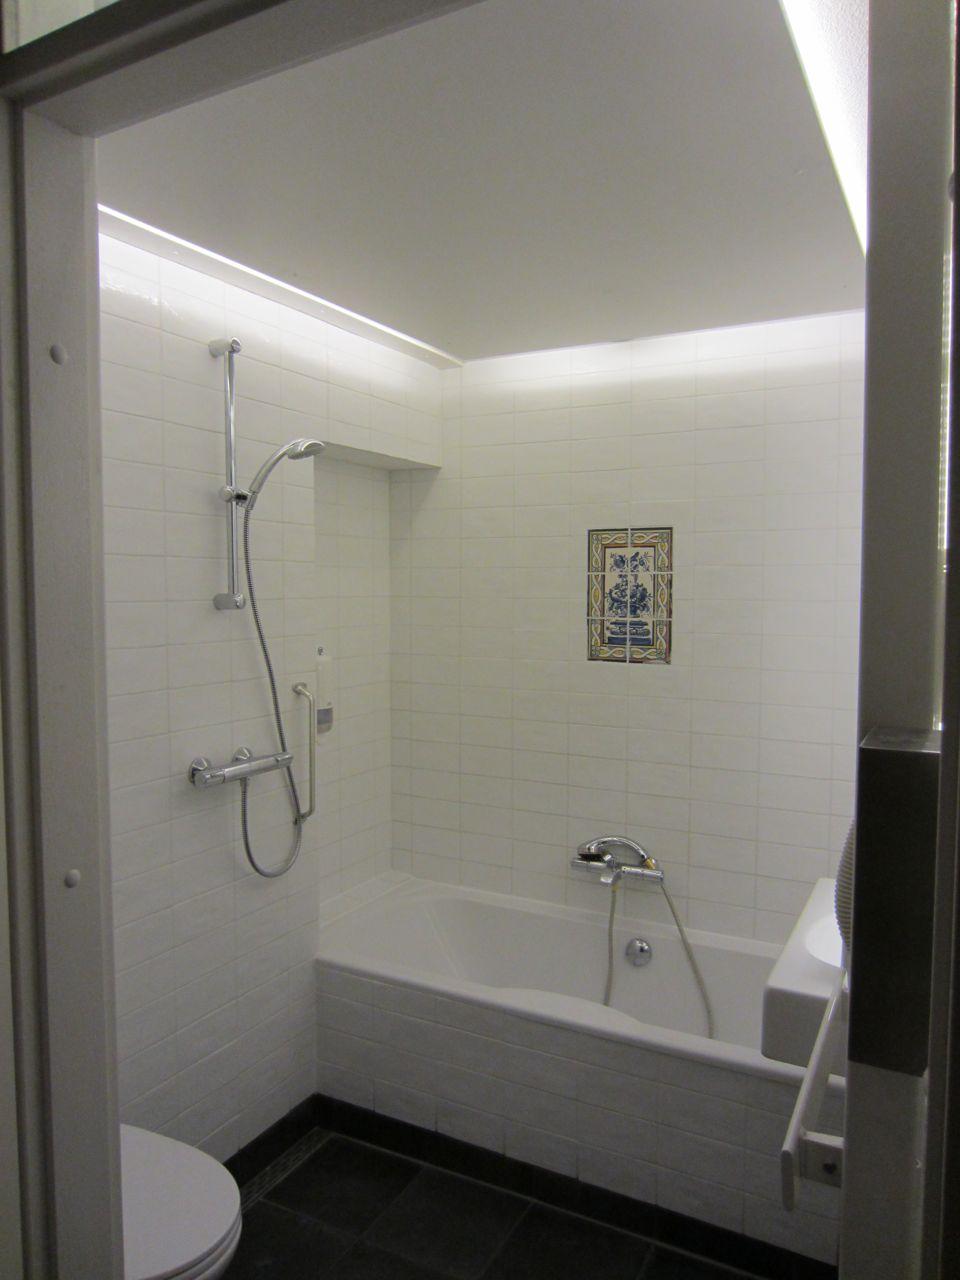 Badkamer verlichting: afstand verlichting badkamer volgens het arei.